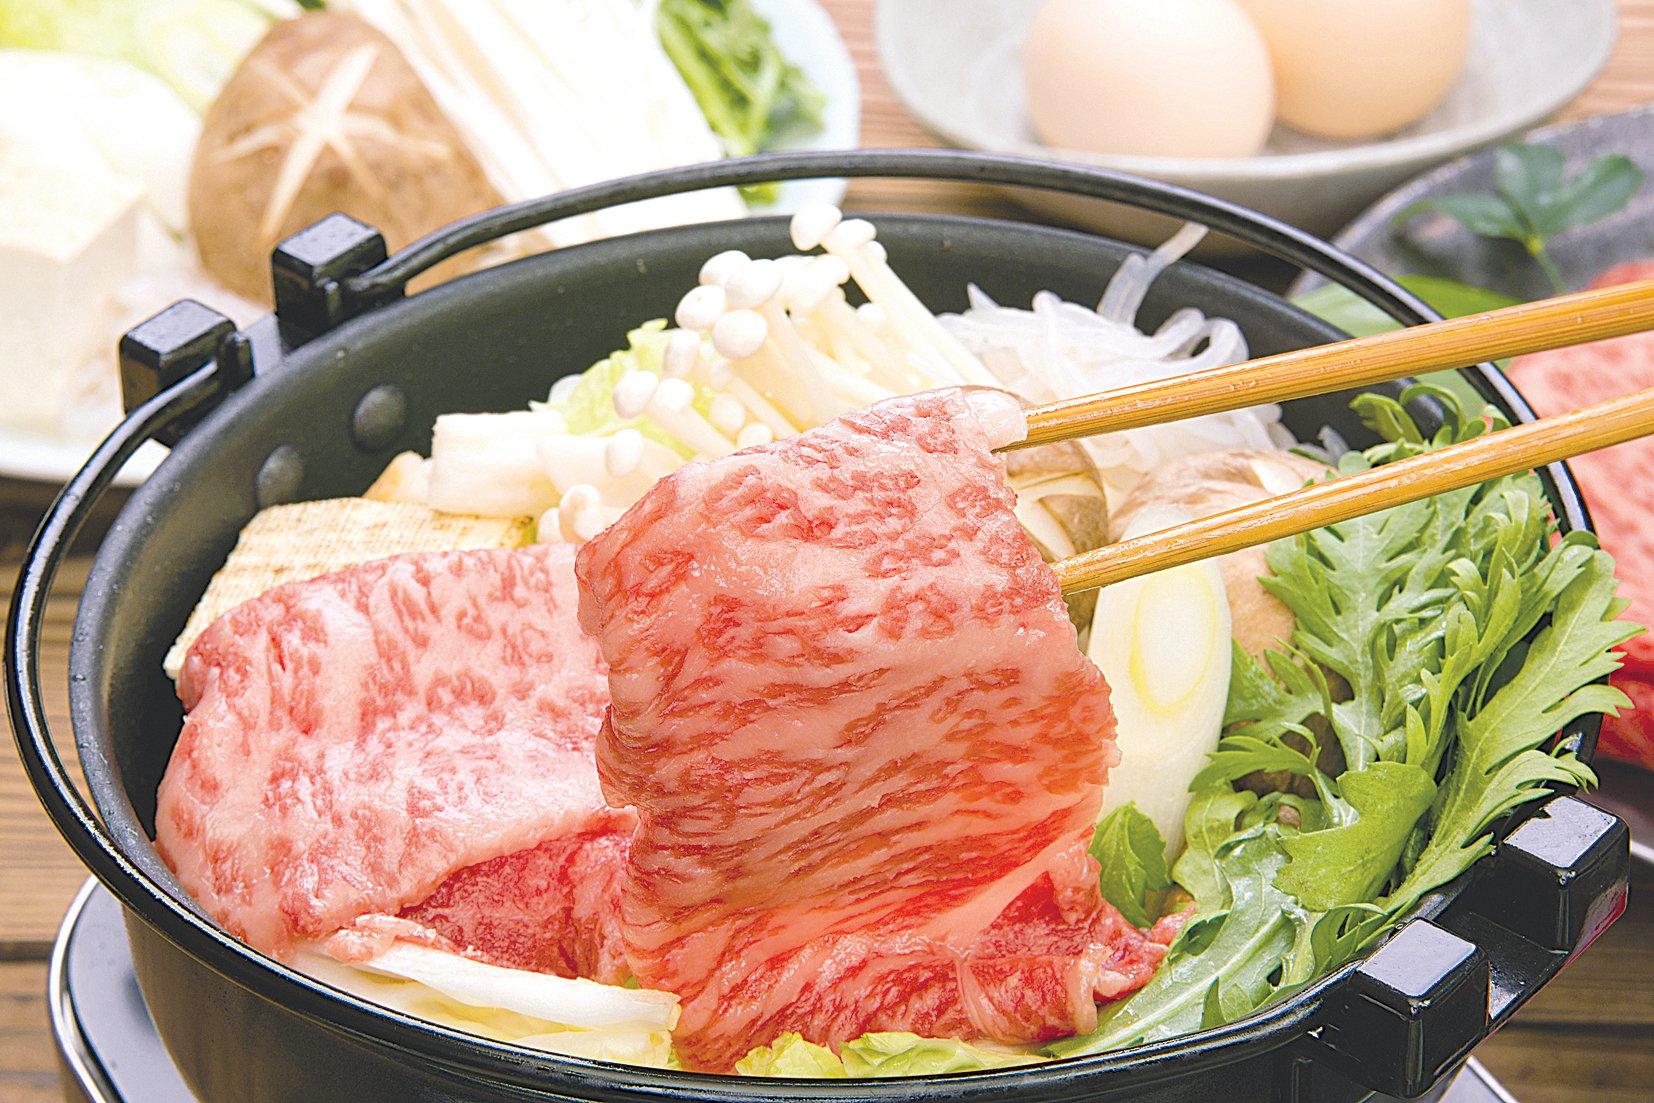 上餐館時,可詢問店家使用的牛肉種類和等級。